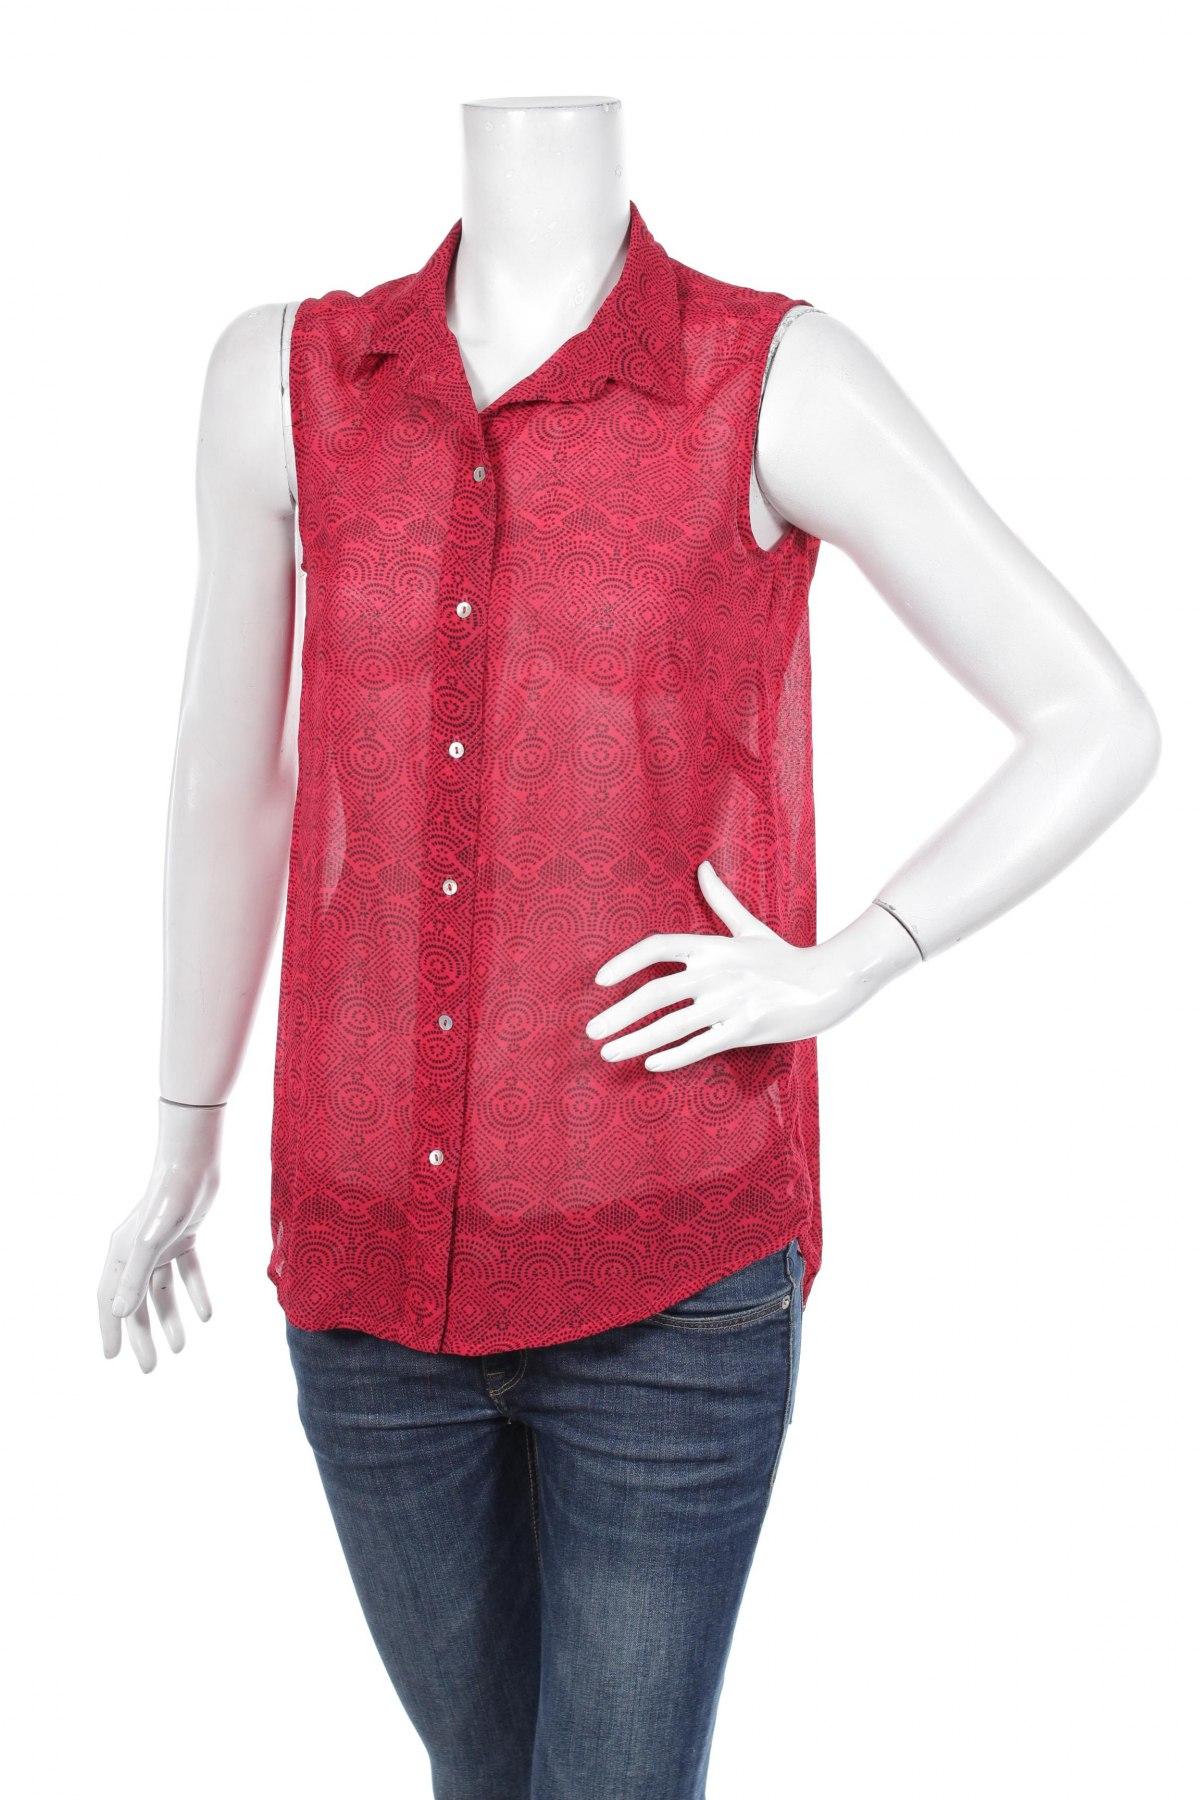 Γυναικείο πουκάμισο H&M, Μέγεθος S, Χρώμα Κόκκινο, 100% πολυεστέρας, Τιμή 11,13€